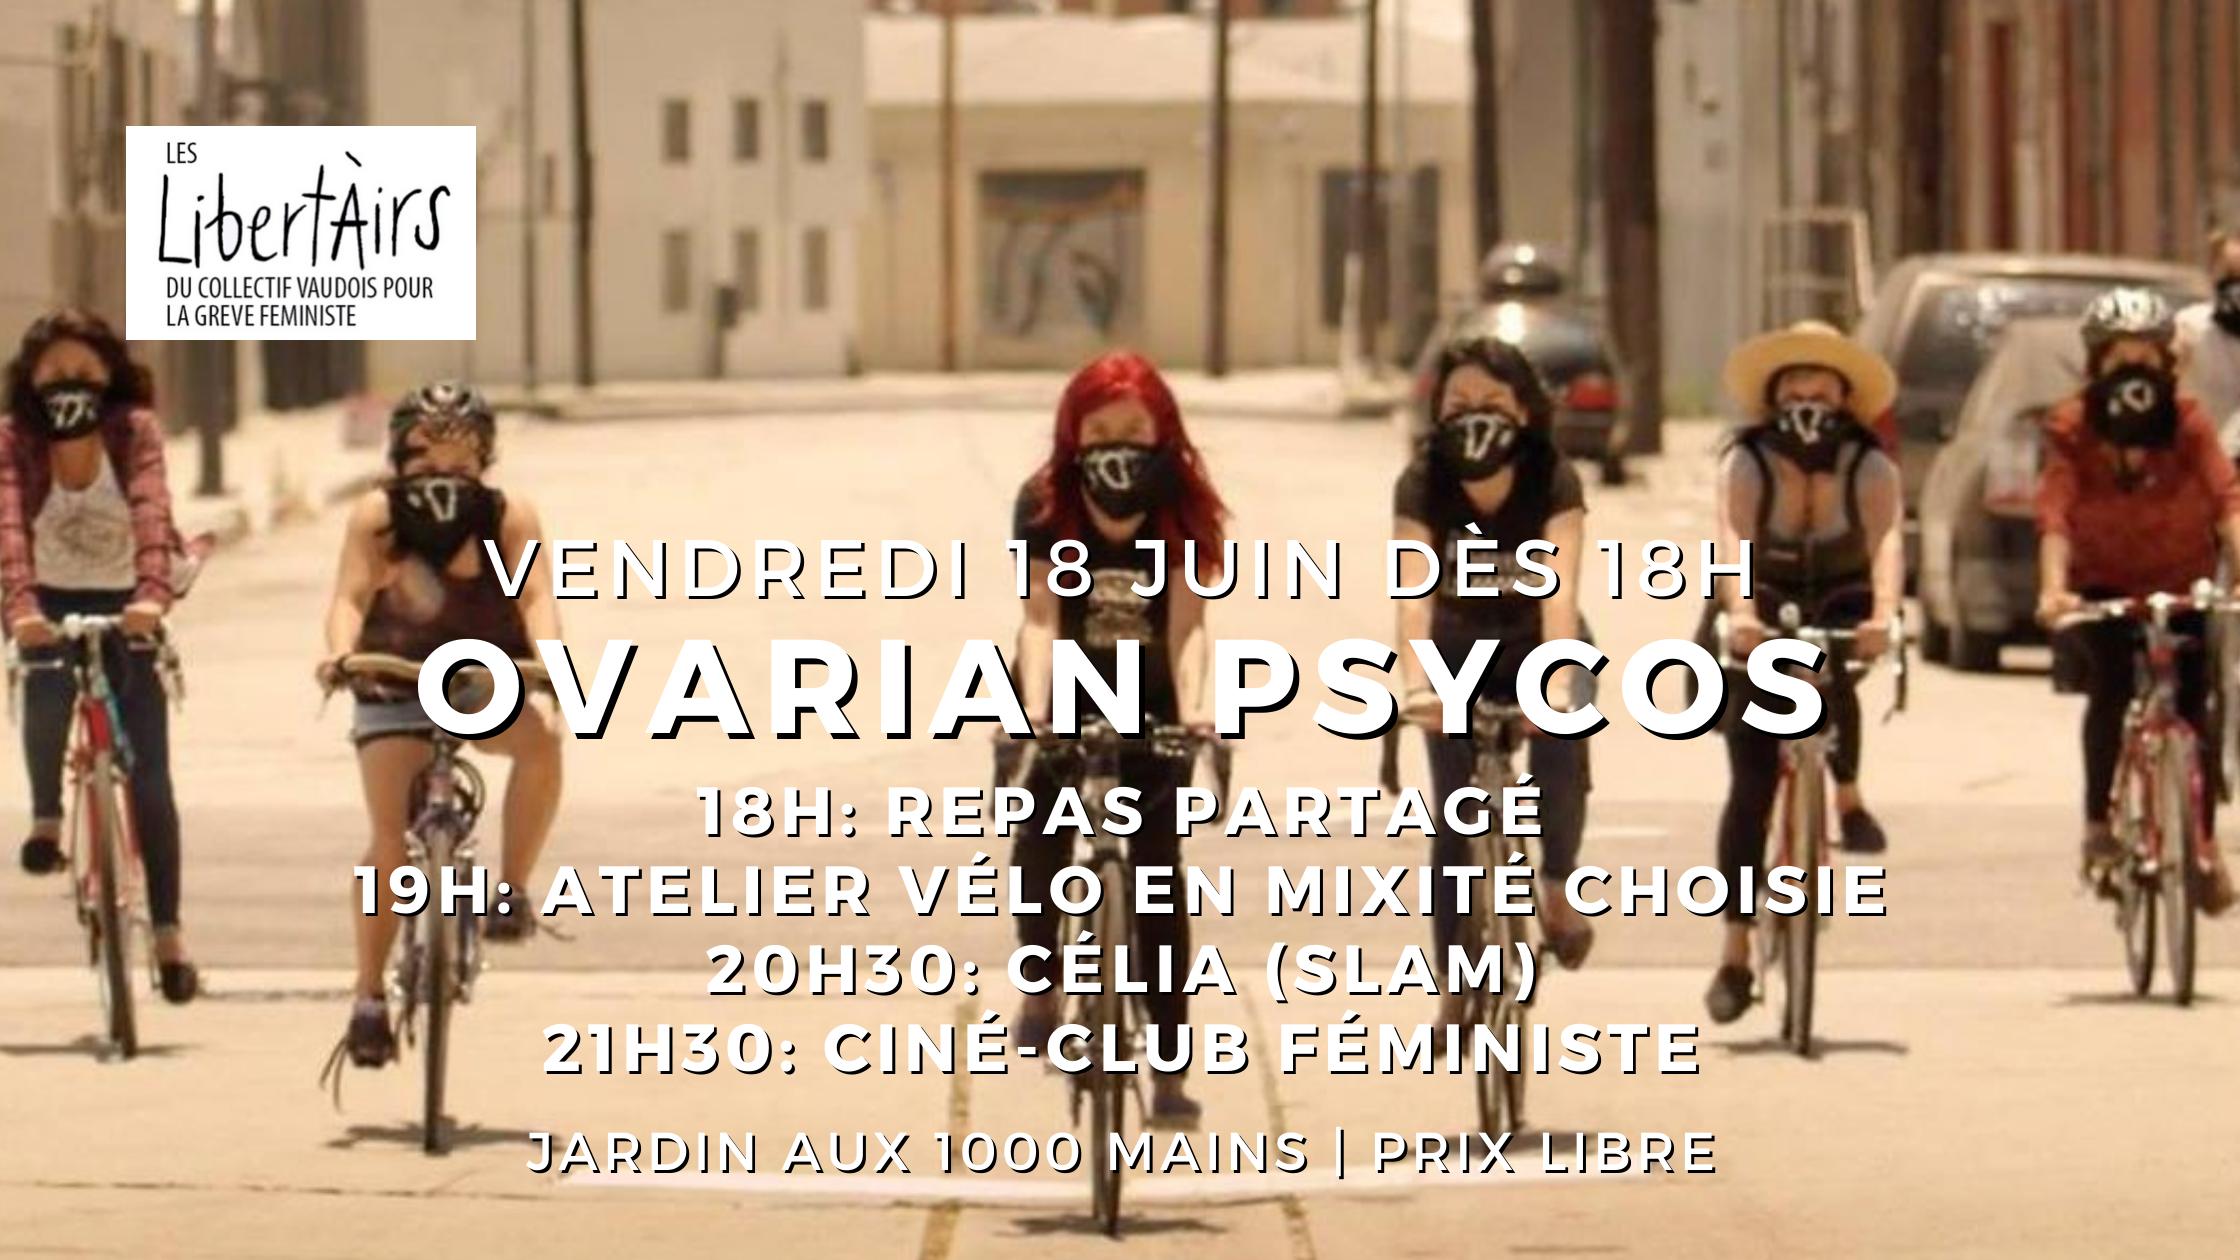 Cinéclub féministe – Ovarian Psycos